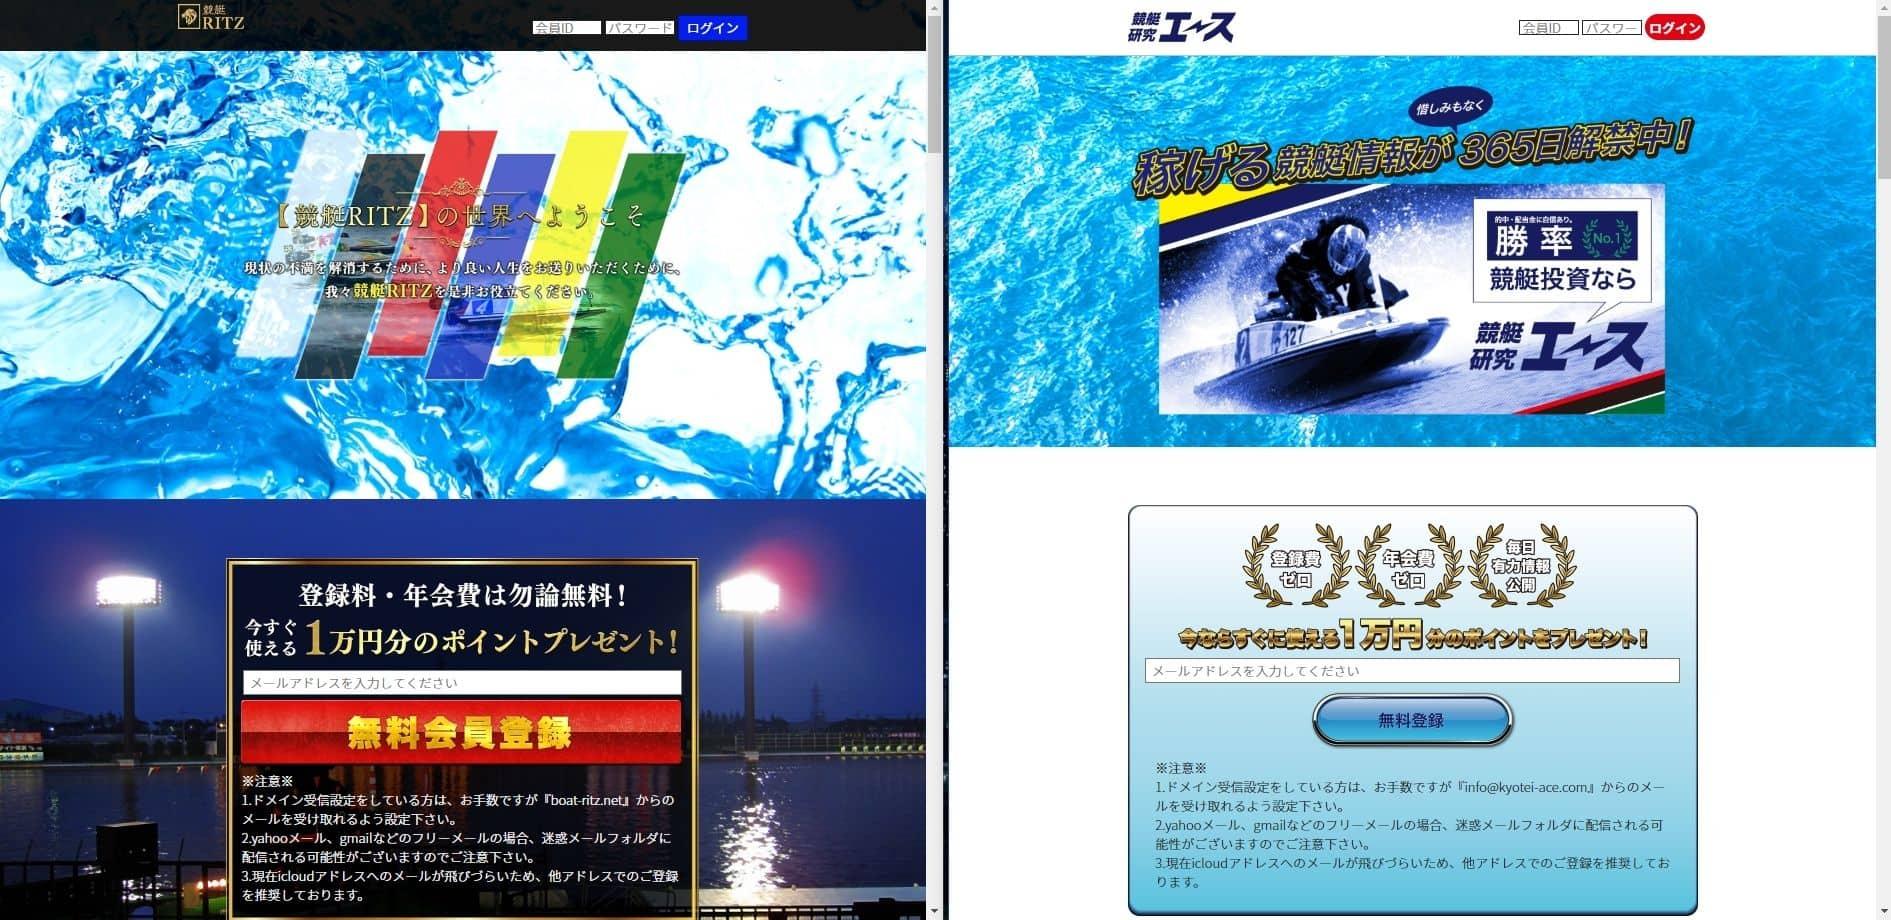 悪徳 競艇研究エース(ACE) 口コミ検証や無料情報の予想結果も公開中 競艇RITZとの比較 1万円プレゼント